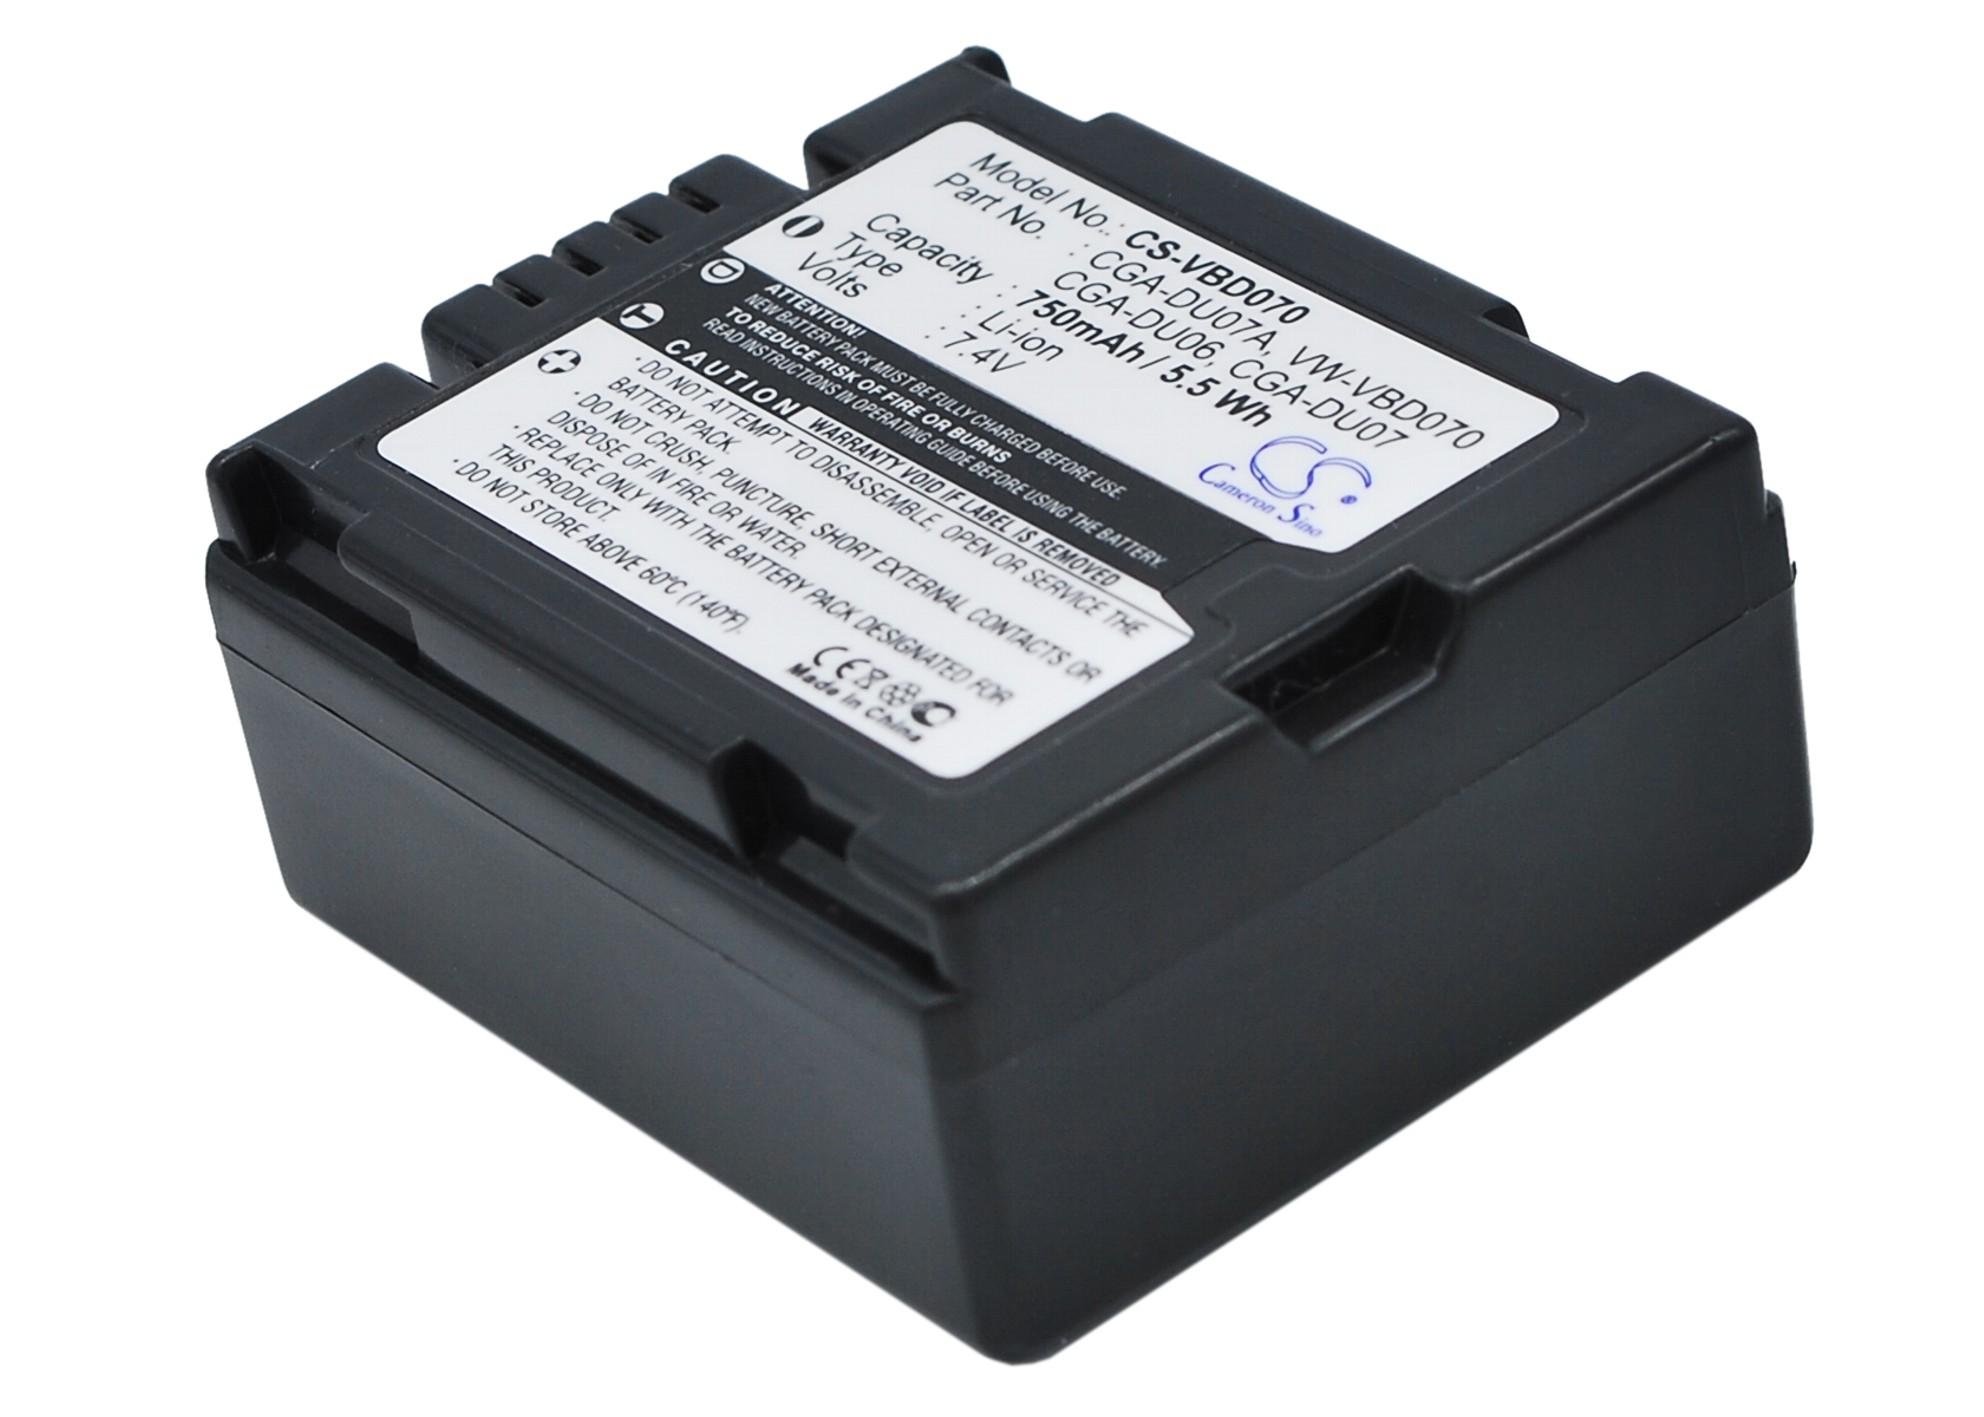 Cameron Sino baterie do kamer a fotoaparátů pro PANASONIC NV-GS500EB-S 7.4V Li-ion 750mAh tmavě šedá - neoriginální